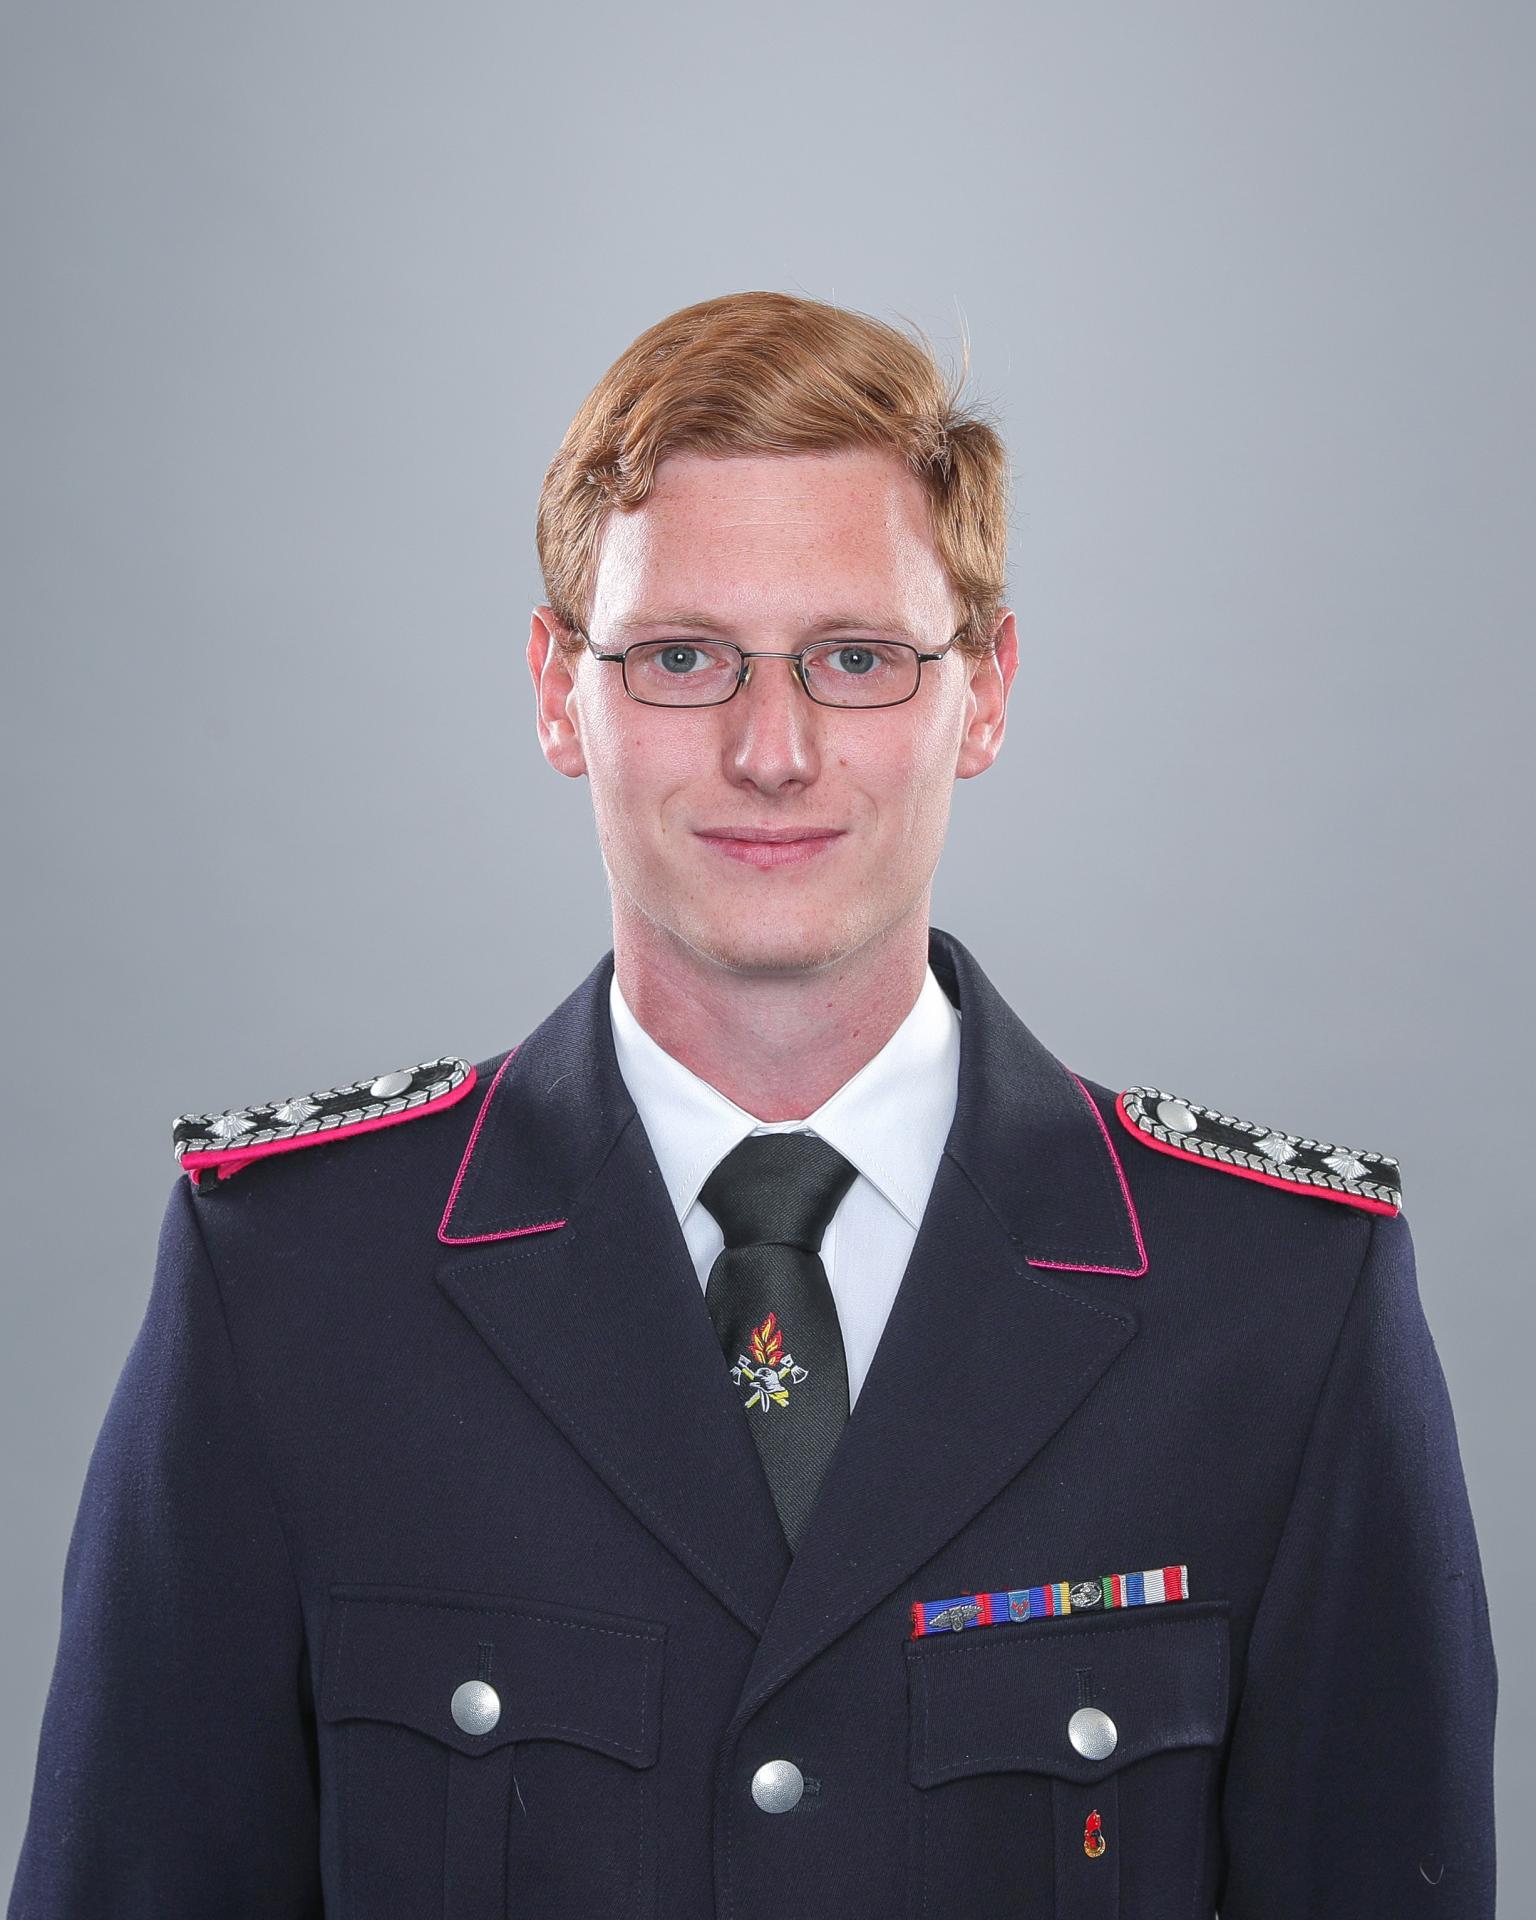 Andre Grünefeld